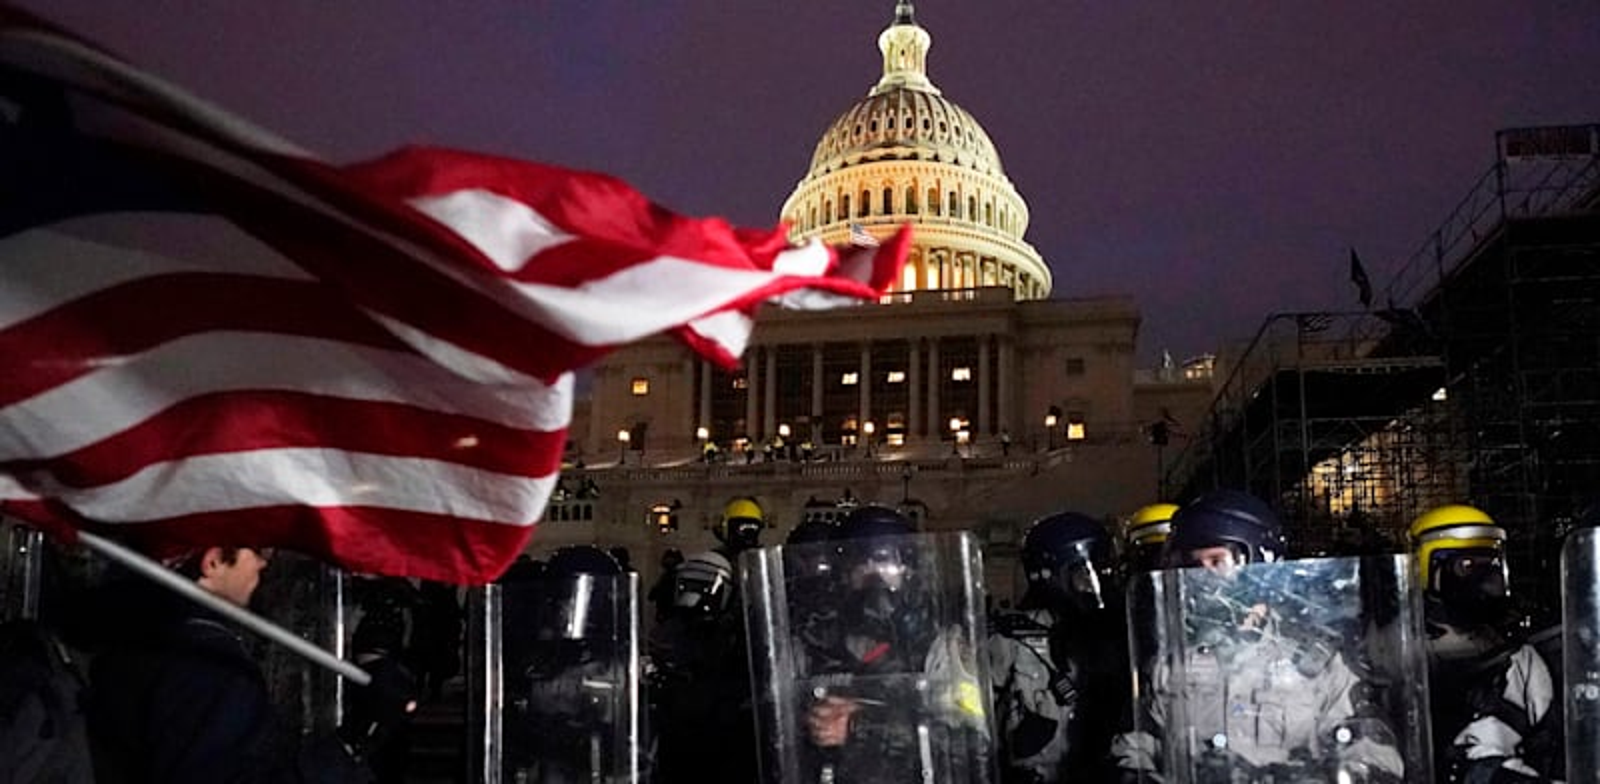 שוטרים מגינים על גבעת הקפיטול לאחר שהוכרז עוצר בבירה / צילום: Associated Press, Julio Cortez